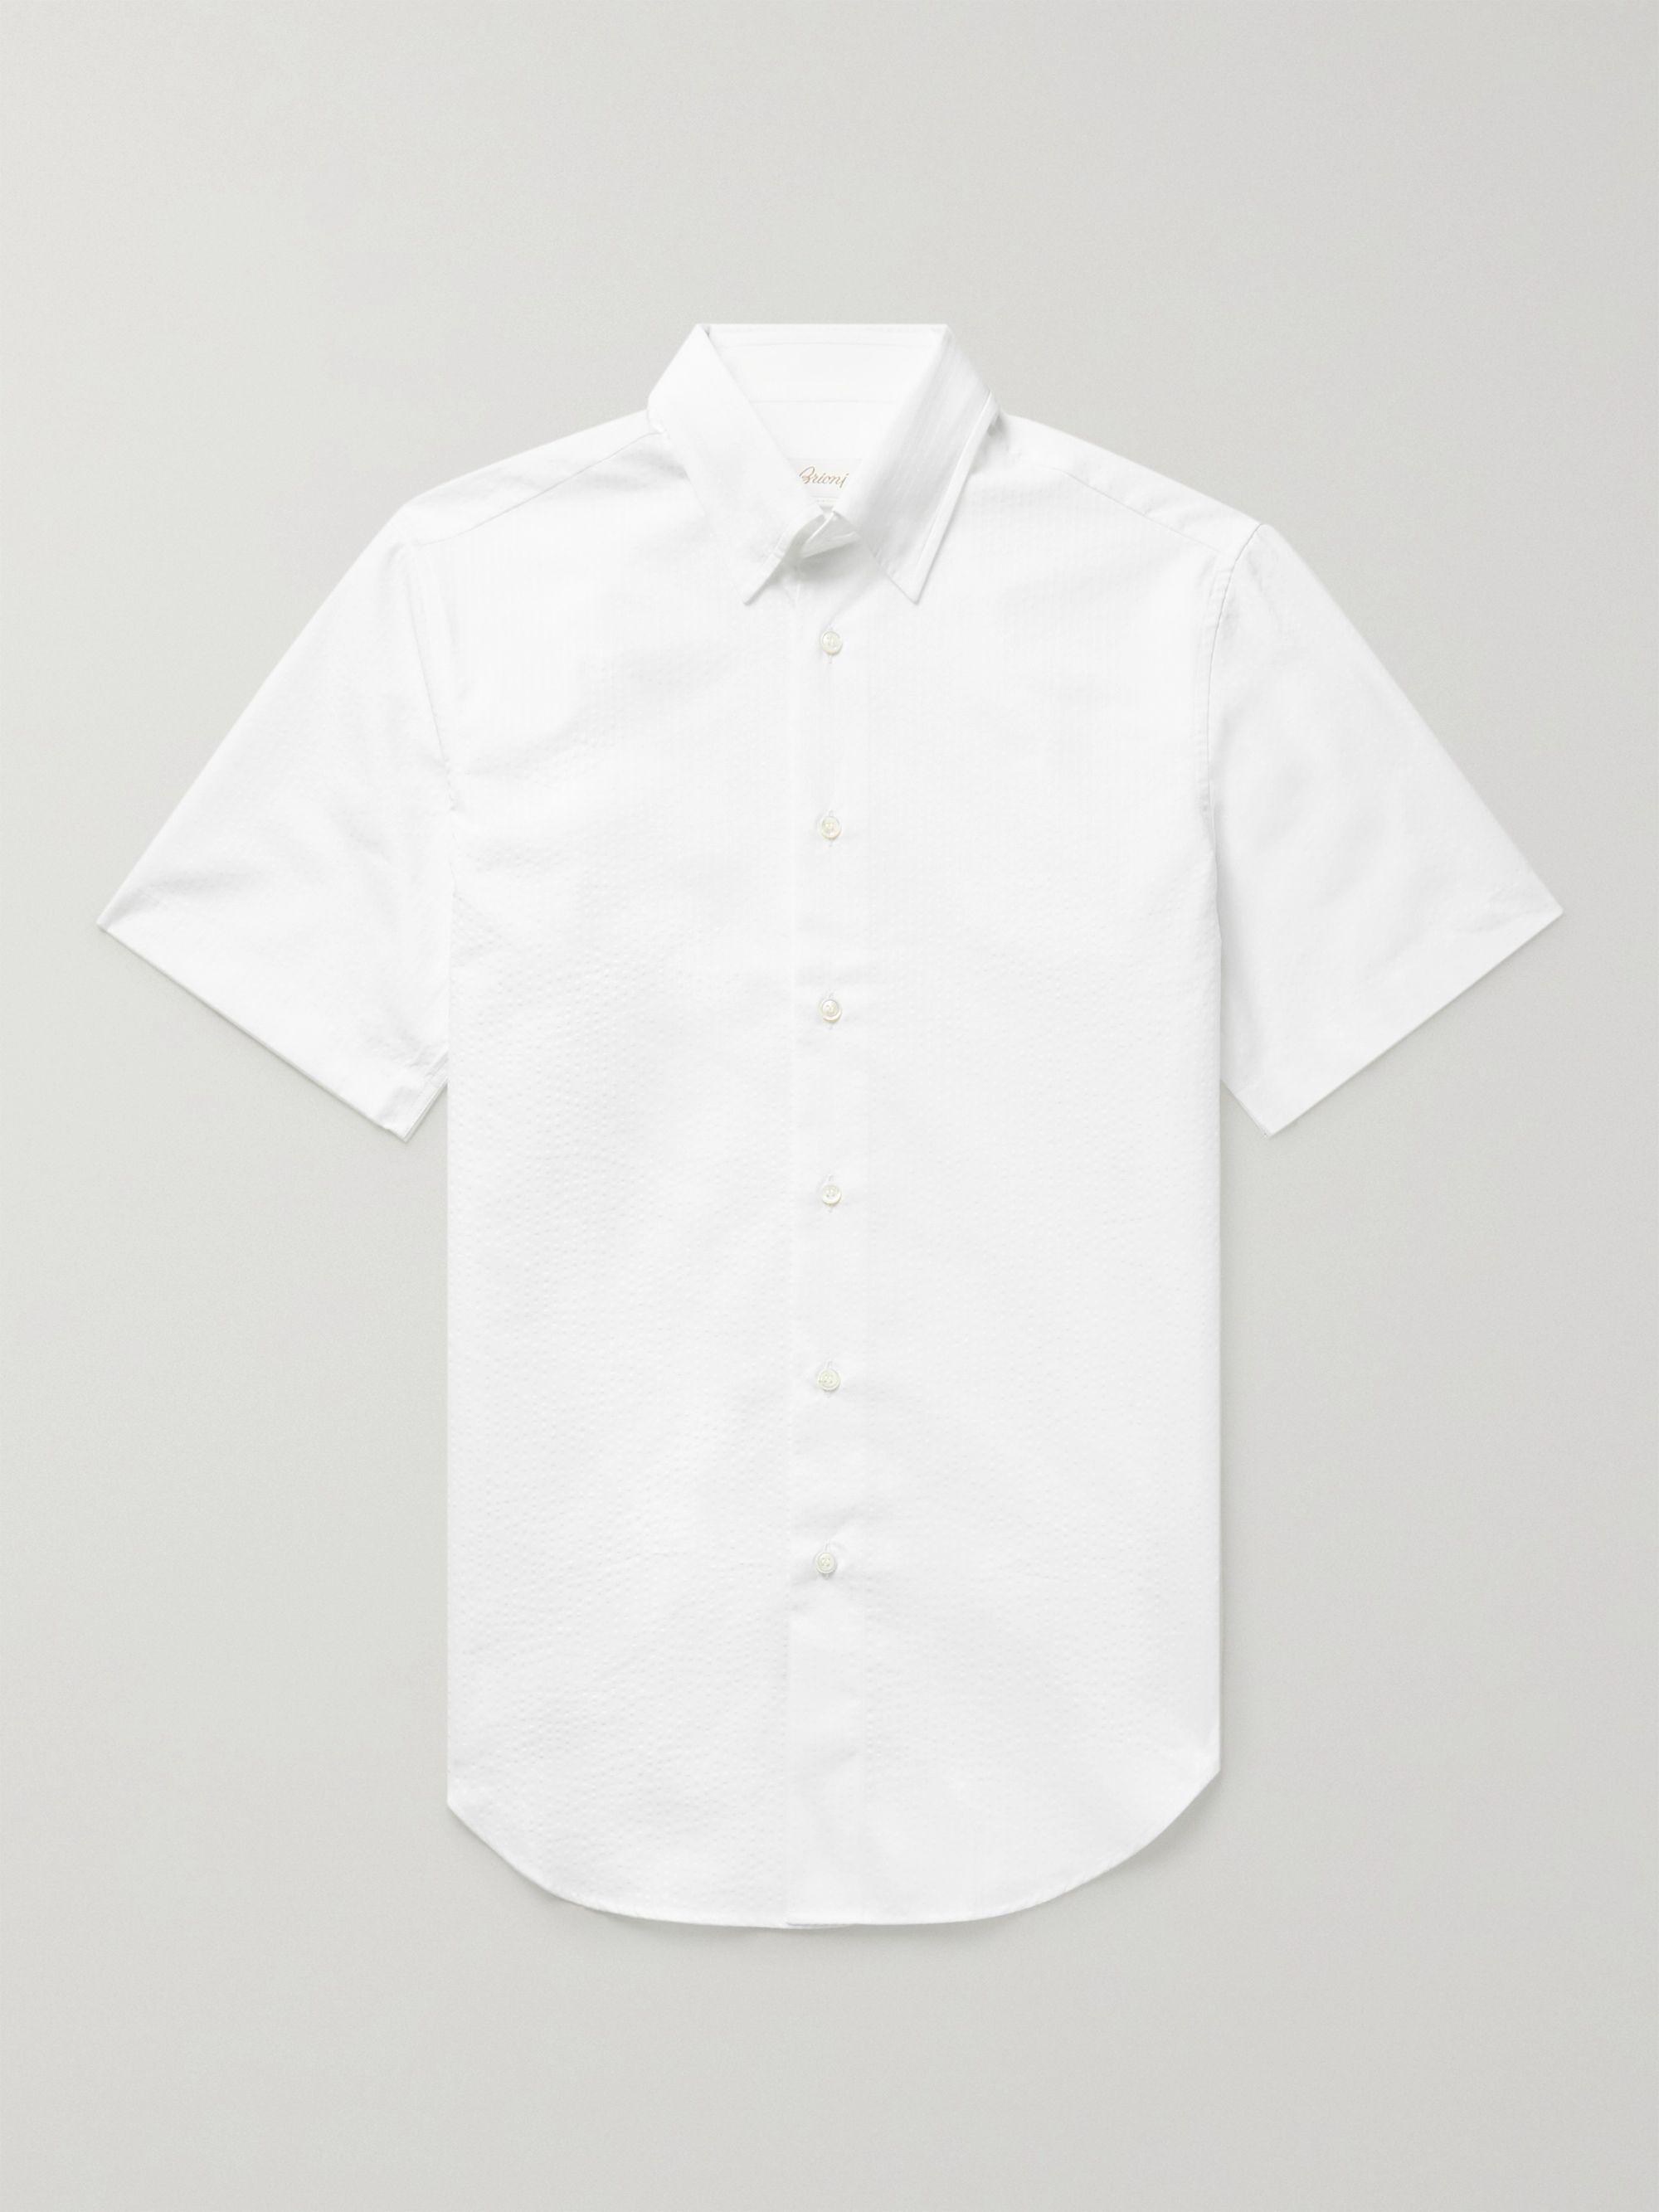 Brioni Cotton-Seersucker Shirt,White